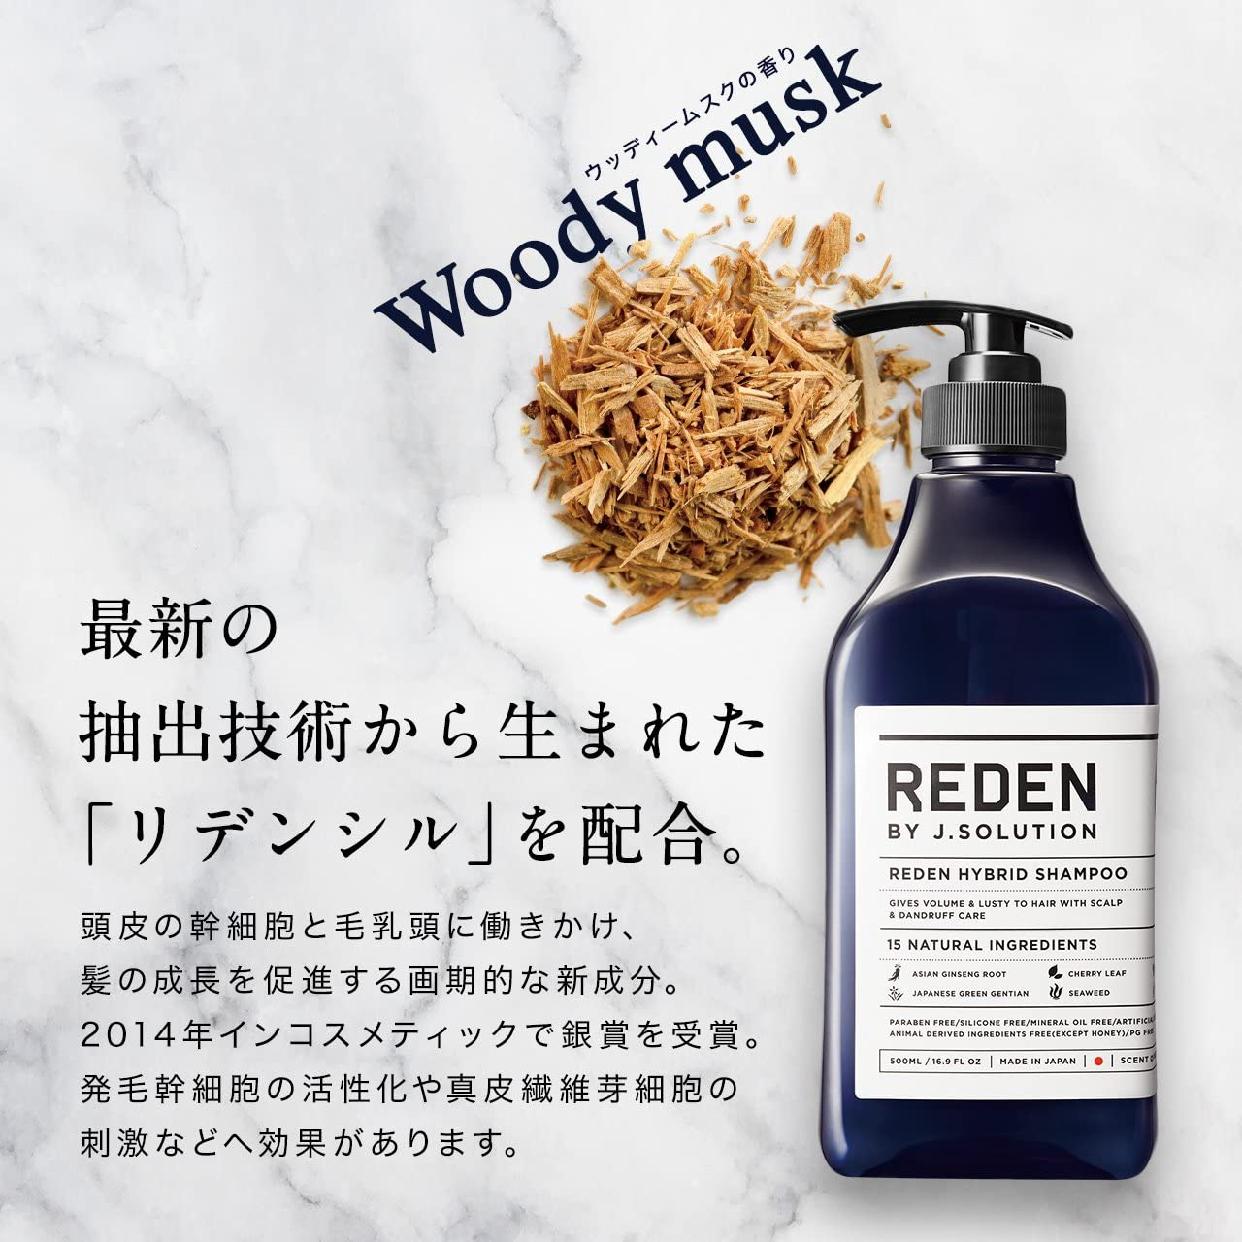 REDEN(リデン) ハイブリッド・シャンプーの商品画像3